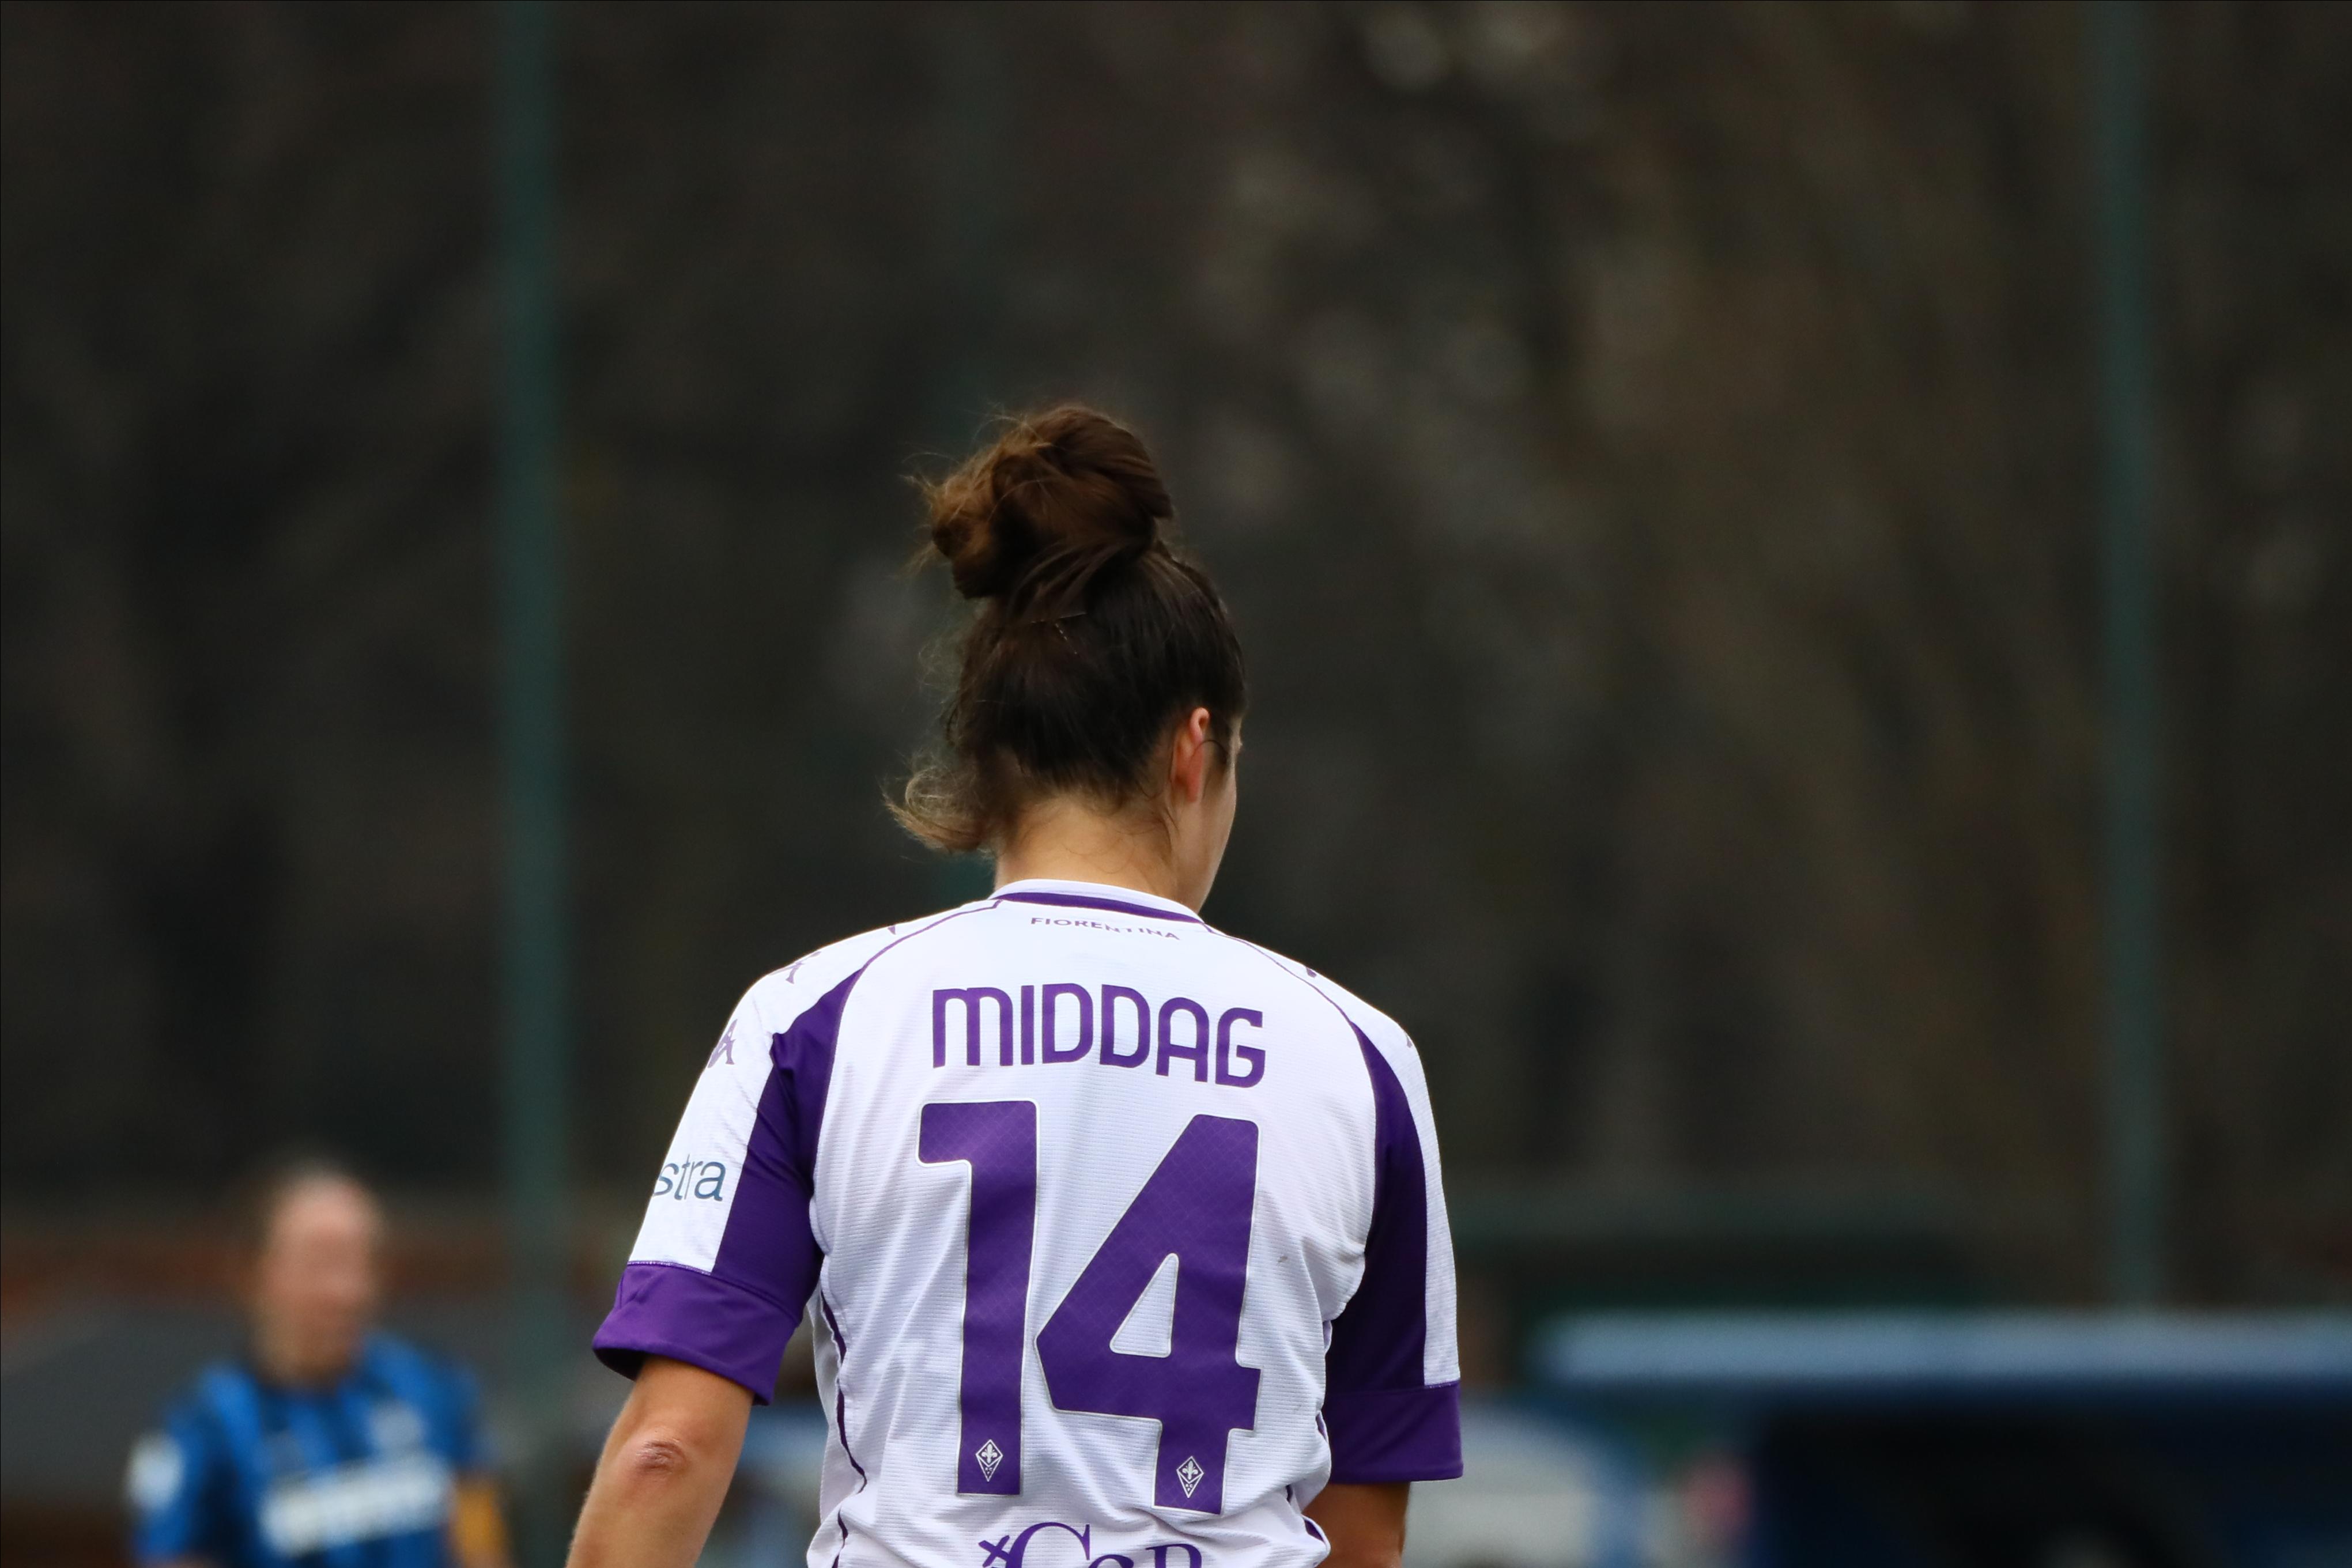 Internazionale v Fiorentina - Italian Women's Cup